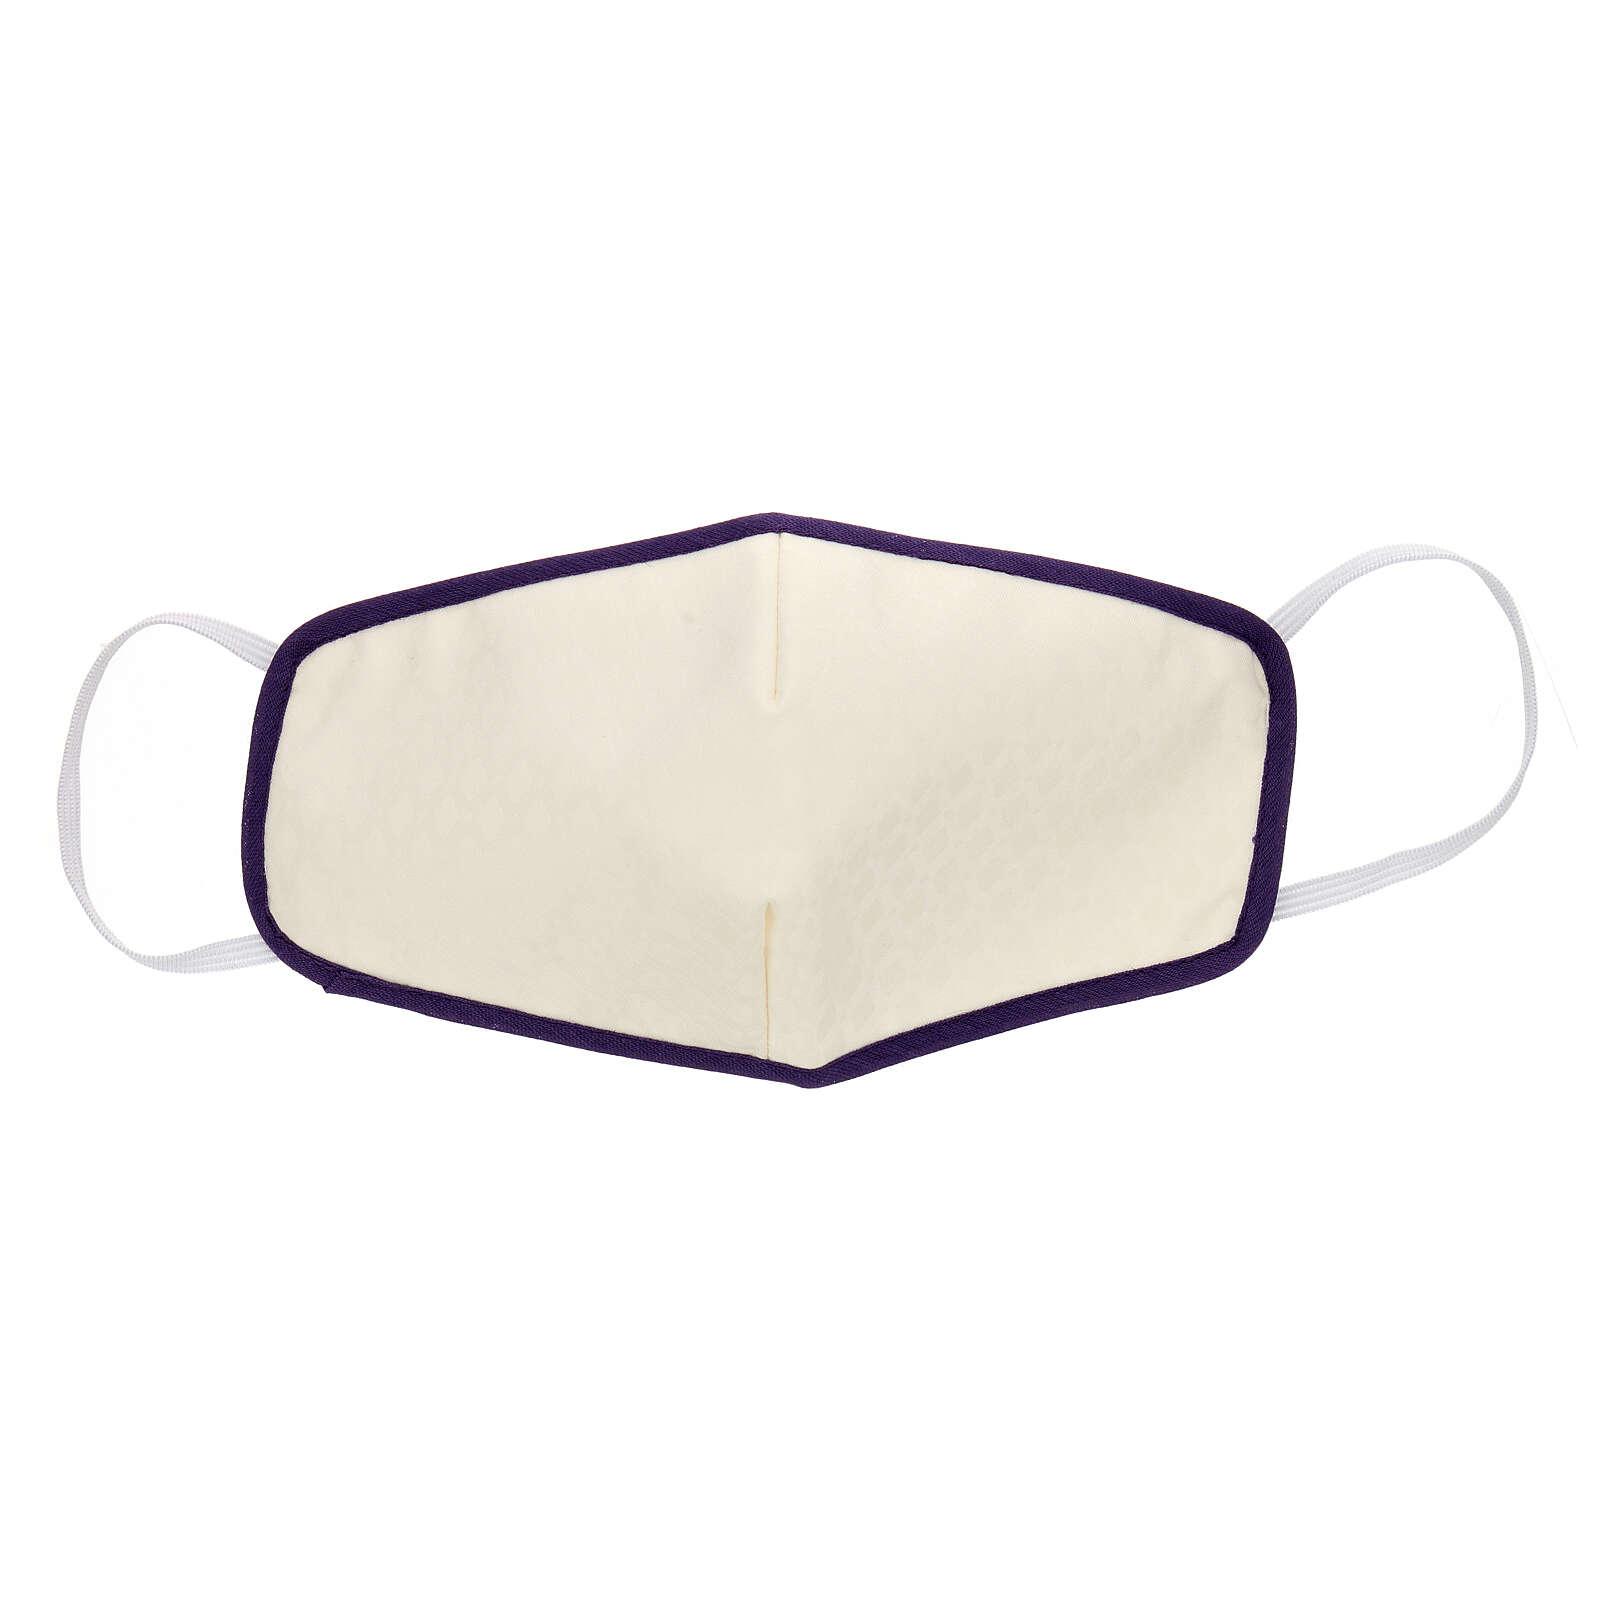 Stoffmaske, wiederverwendbar, elfenbein, mit violettem Rand 3